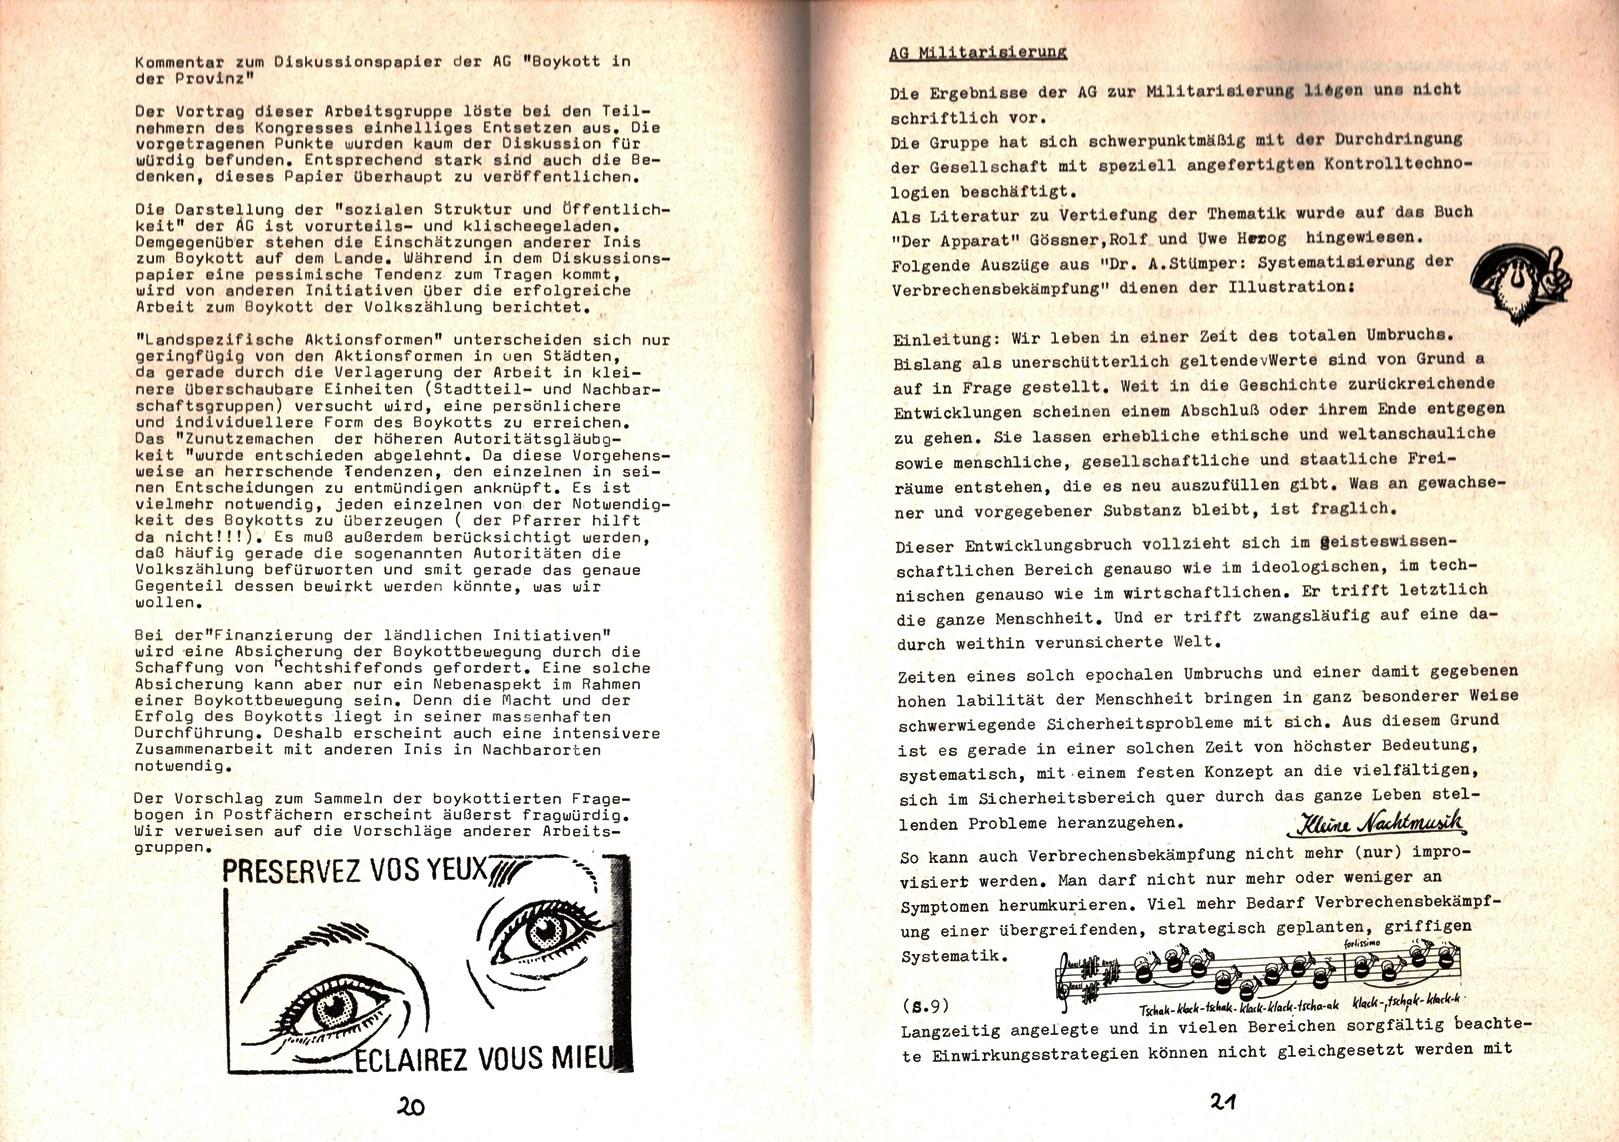 Bochum_1983_Volkszaehlungsboykotttreffen_010